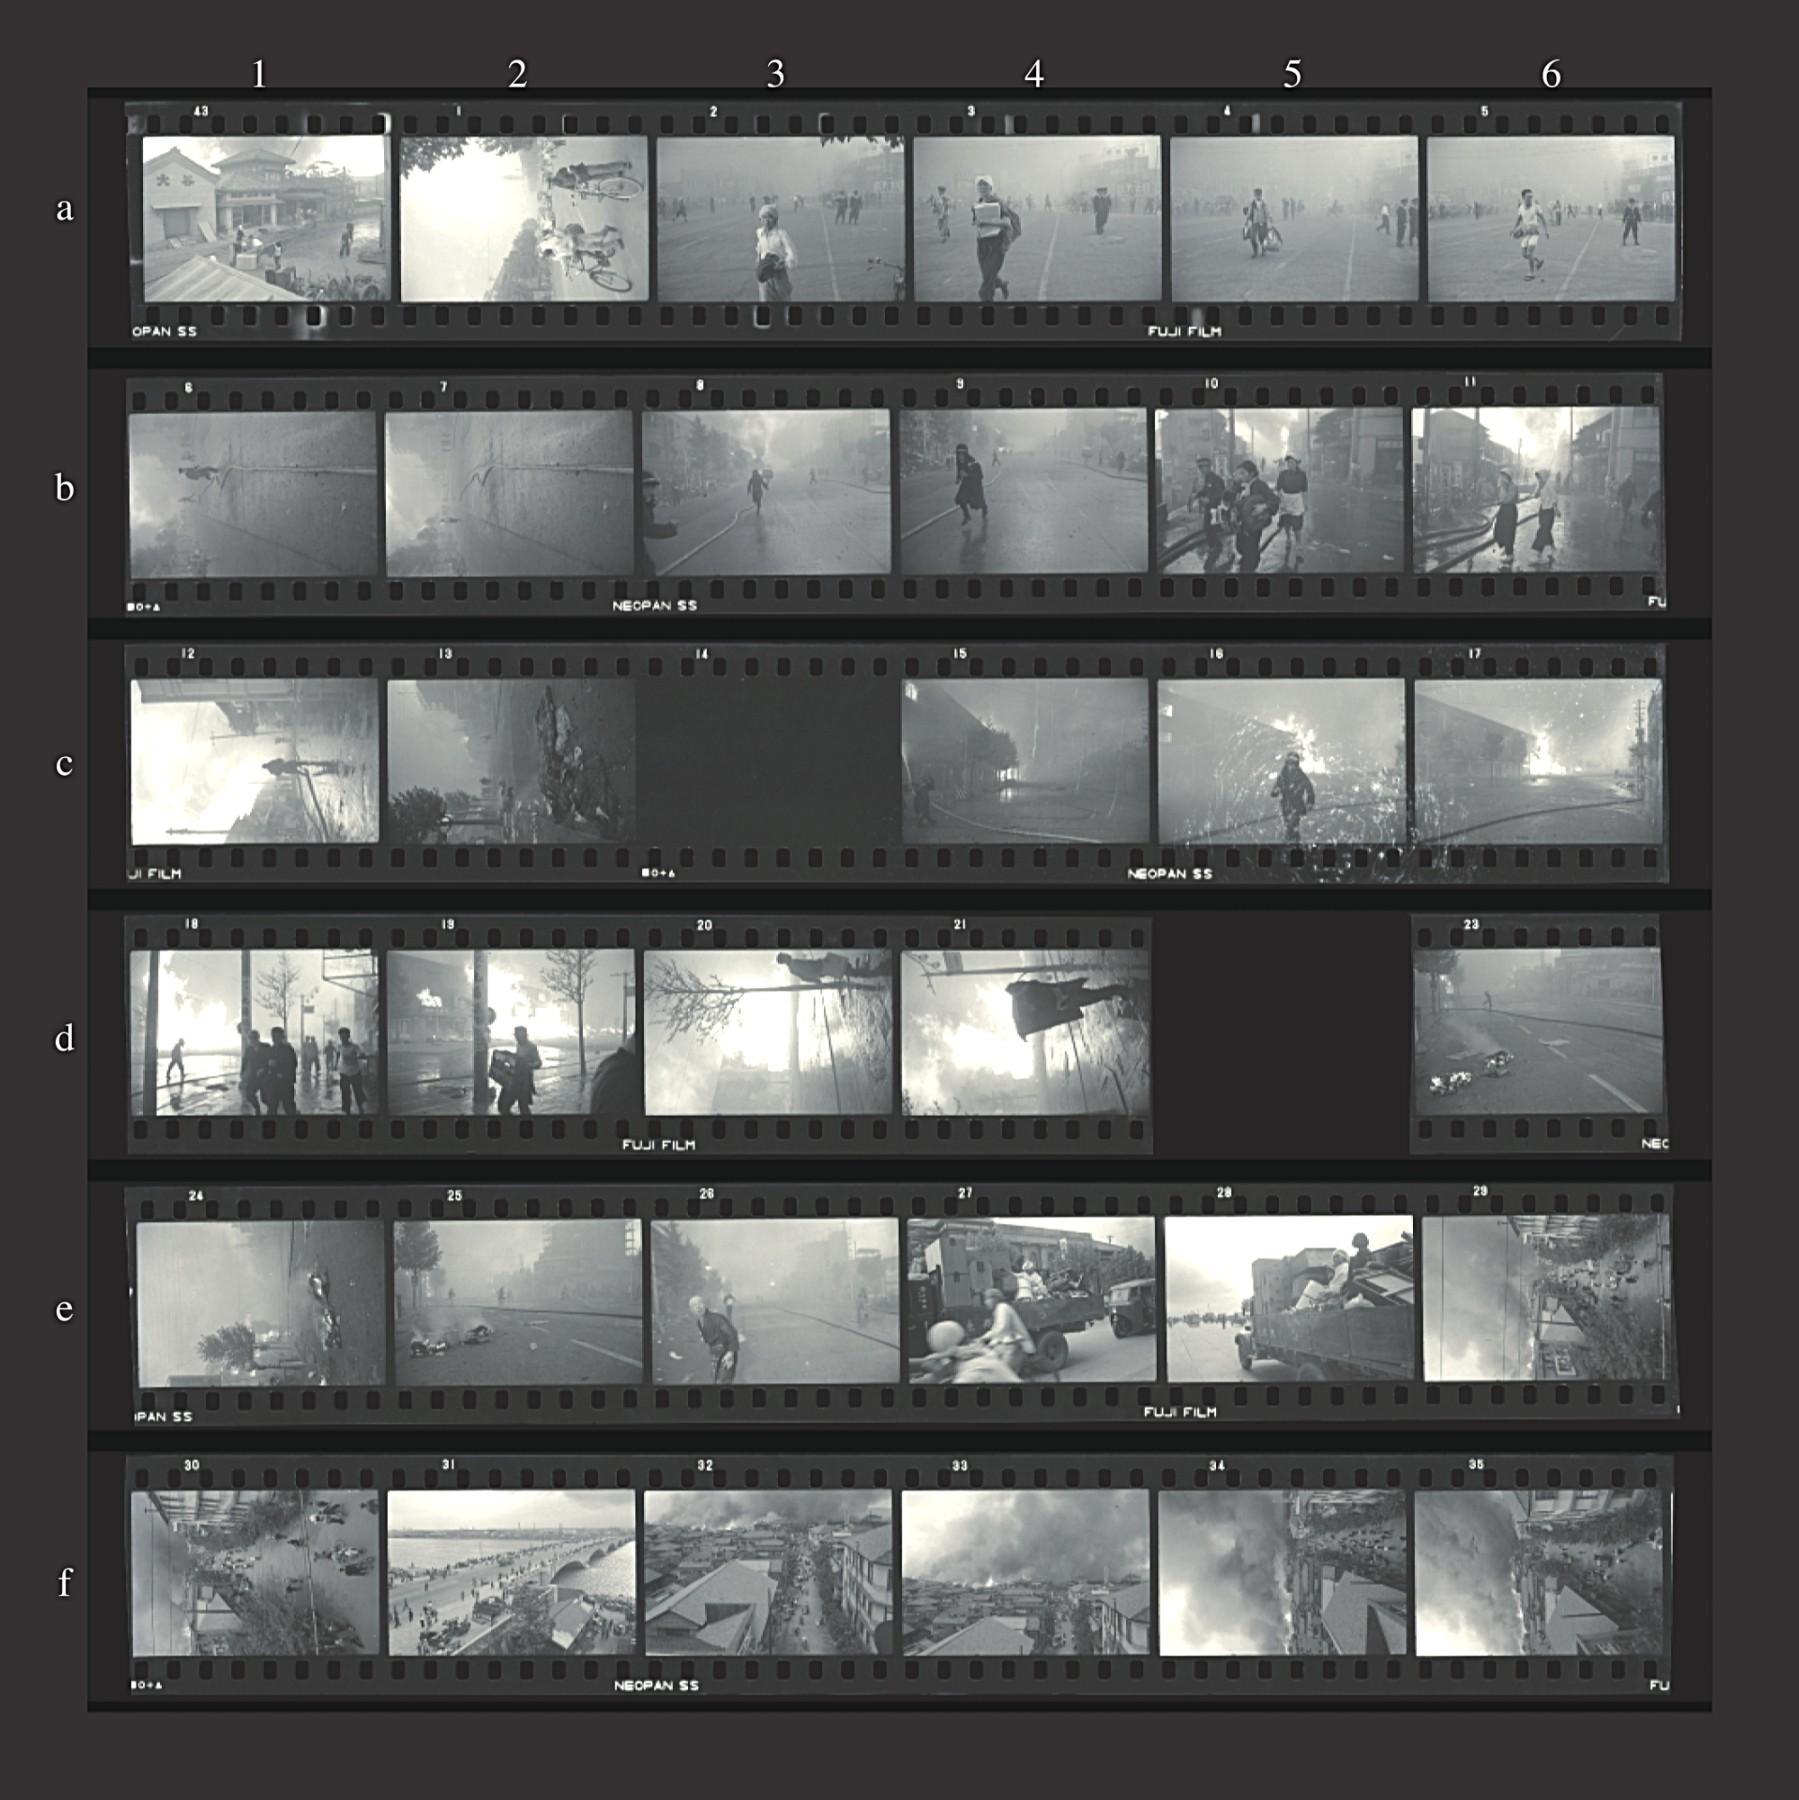 「小林新一展」より、1955年の新潟大火を取材した時のフィルムロール。発表用にプリントされたのは1カットだけだが、コマの行間にさまざまな情報が読み取れる。